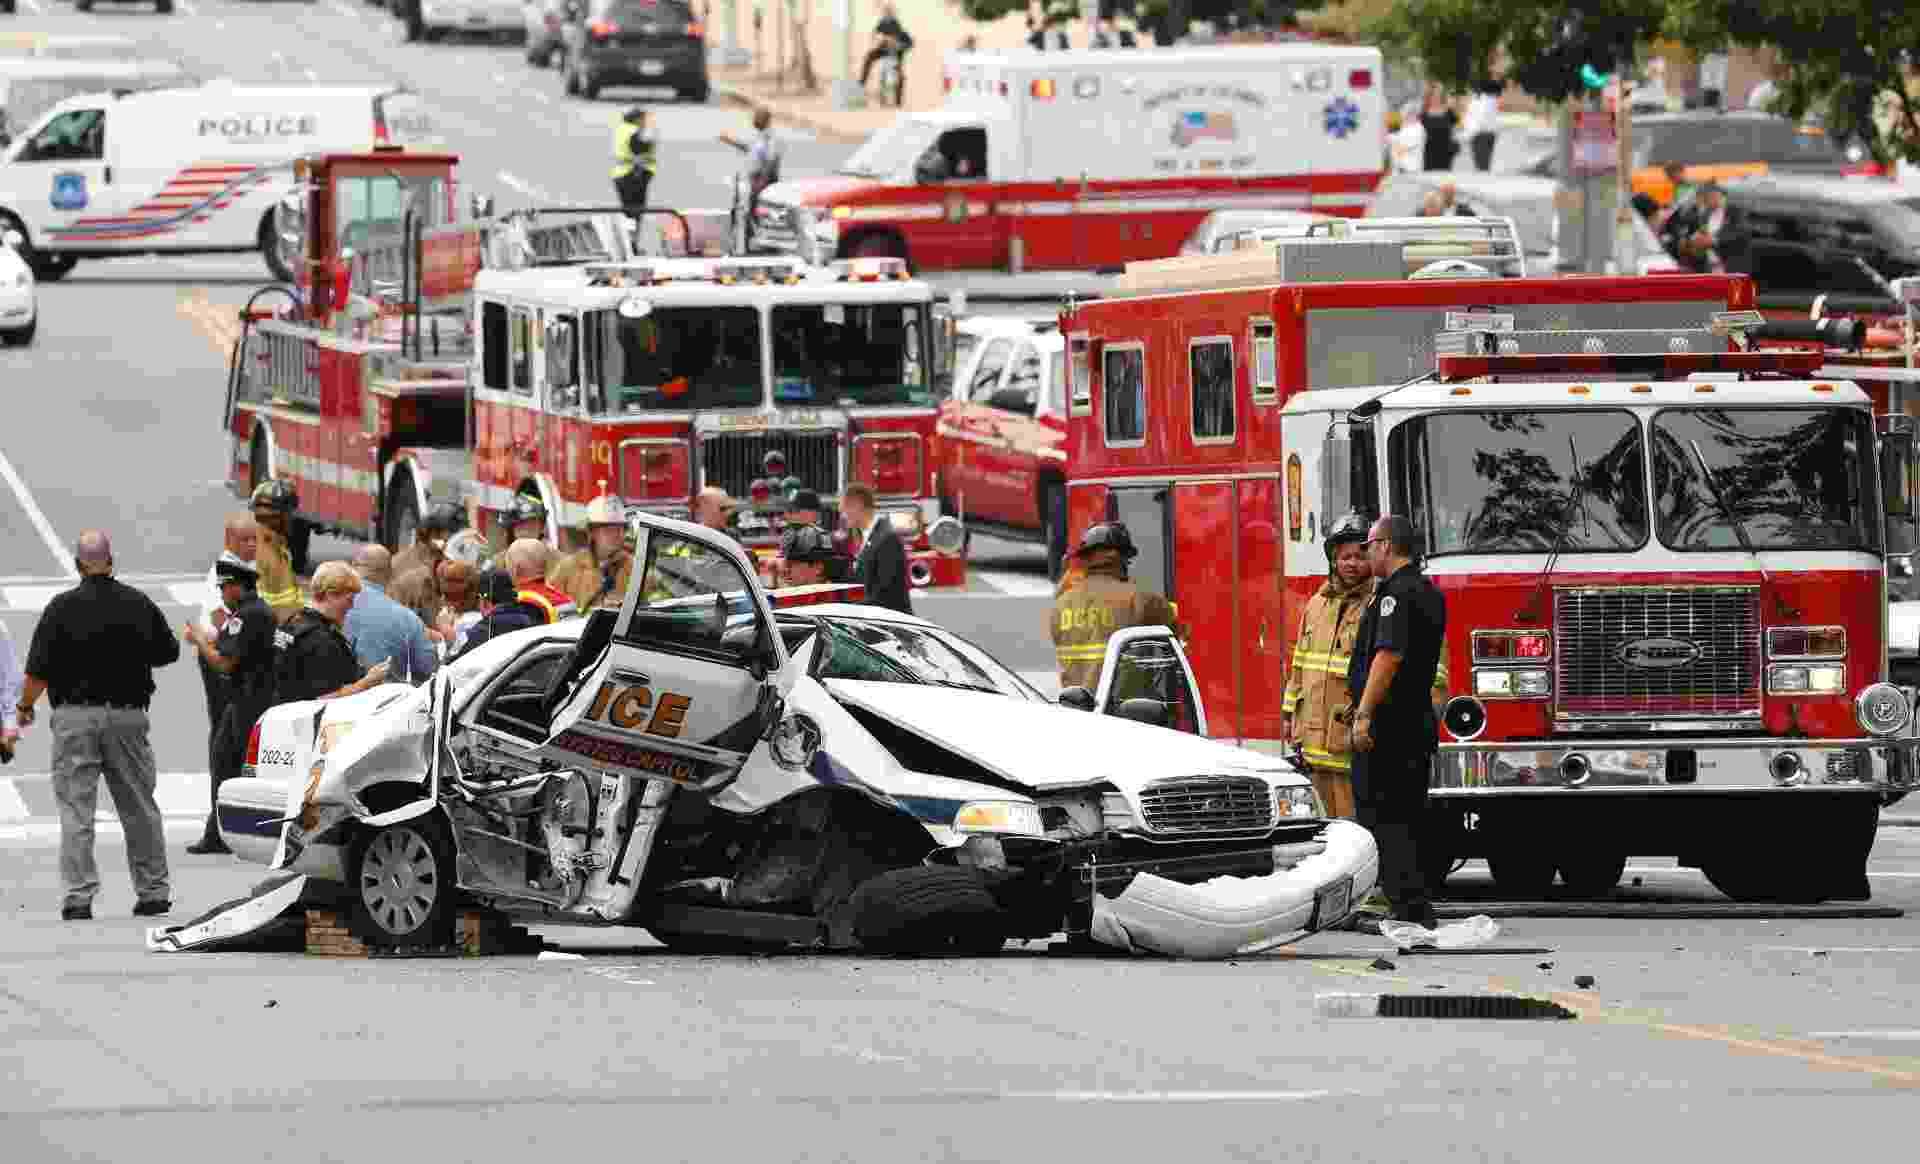 3.out.2013 - Equipes de resgate se posicionam ao redor de um carro de polícia que sofreu uma batida, próximo ao Capitólio, nesta quinta-feira (3). Disparos de arma de fogo foram ouvidos do lado de fora do prédio onde funciona o Congresso norte-americano - Kevin Lamarque/Reuters